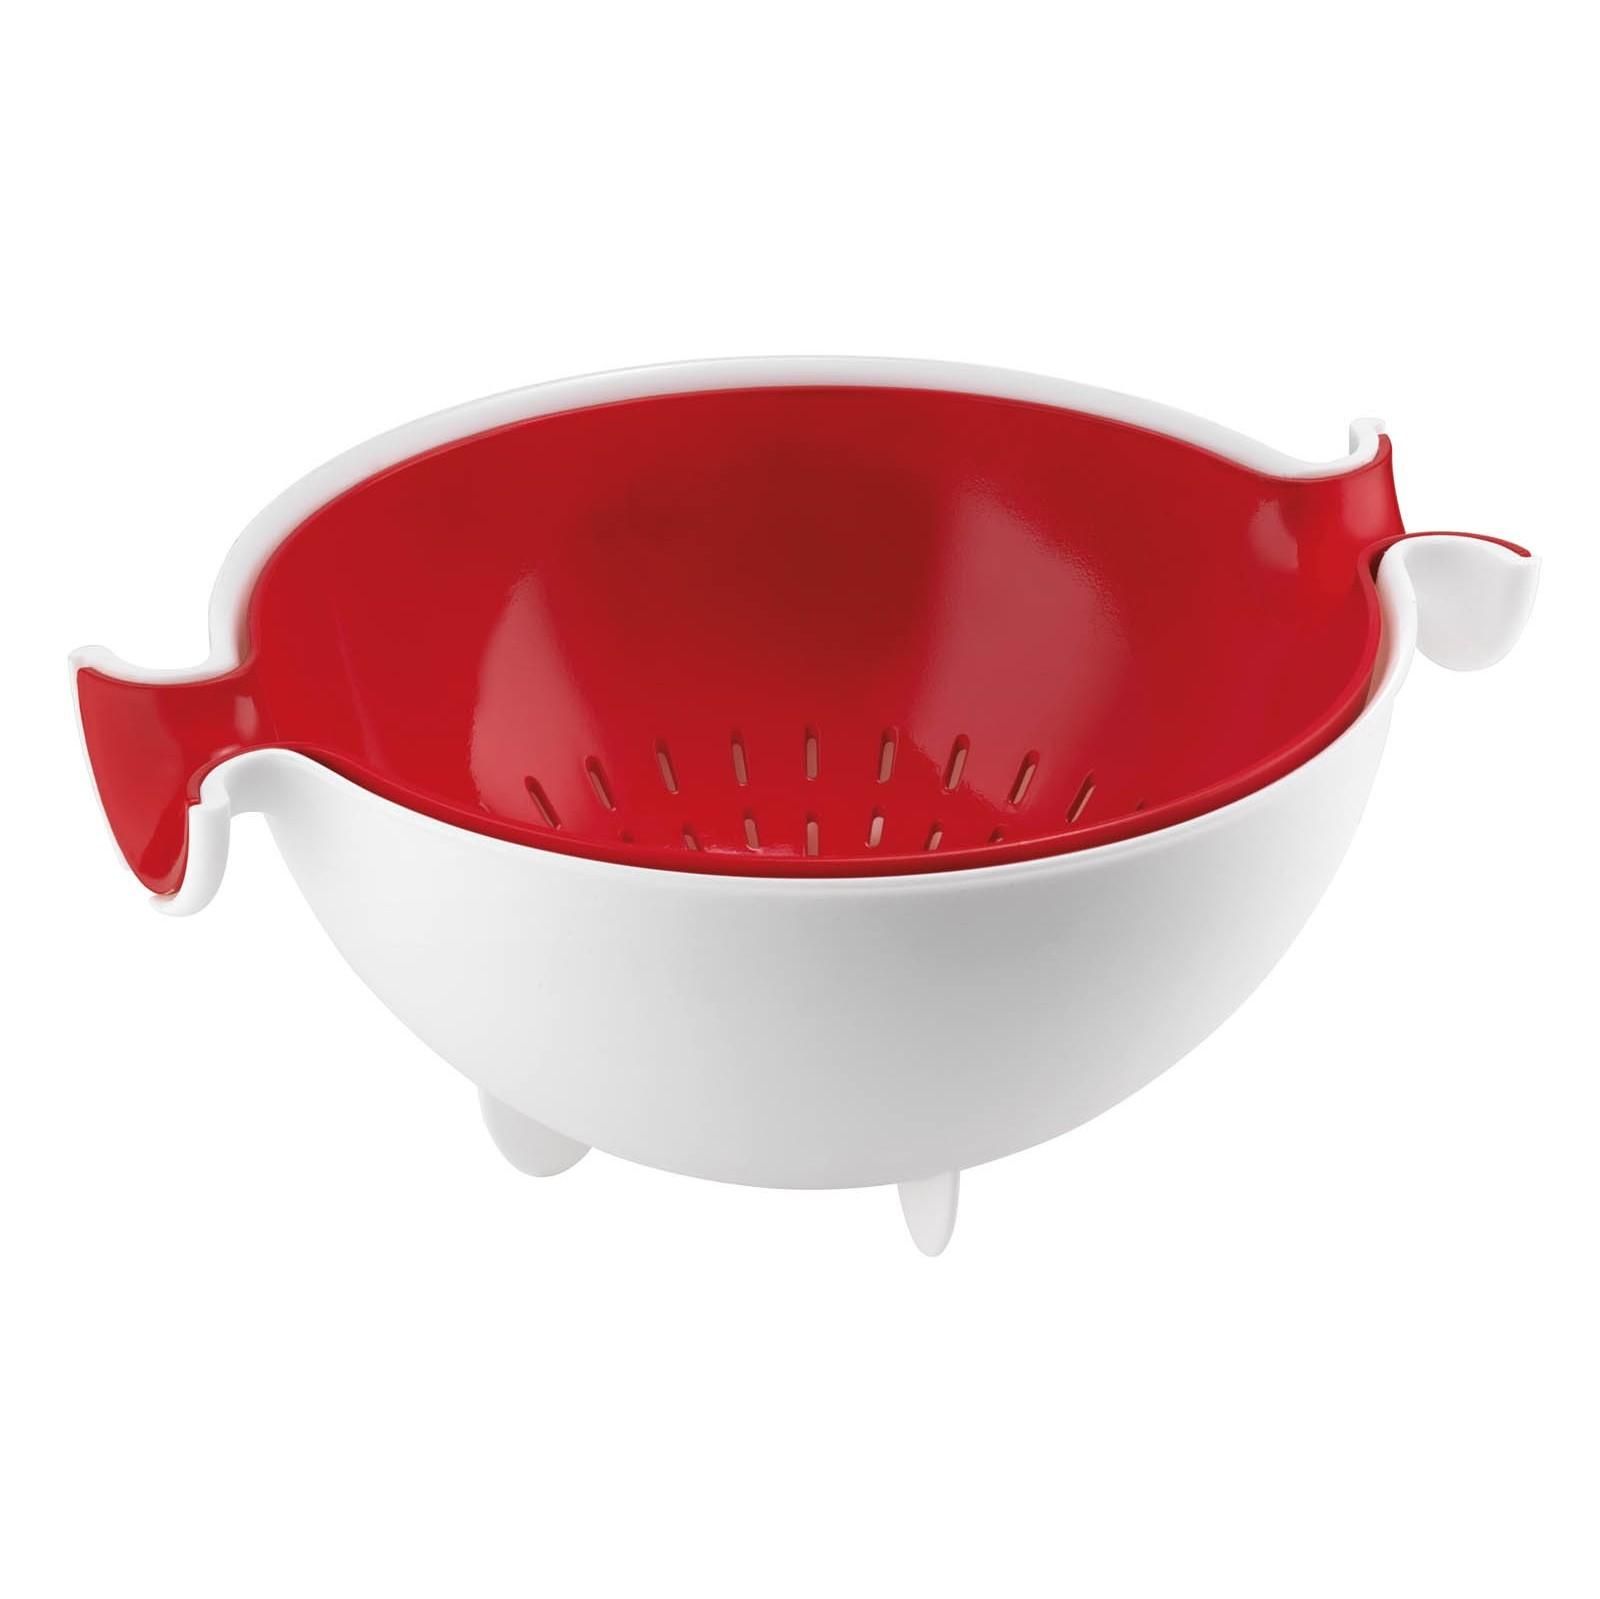 Купить со скидкой Набор для кухни (дуршлаг + чаша) MY KITCHEN